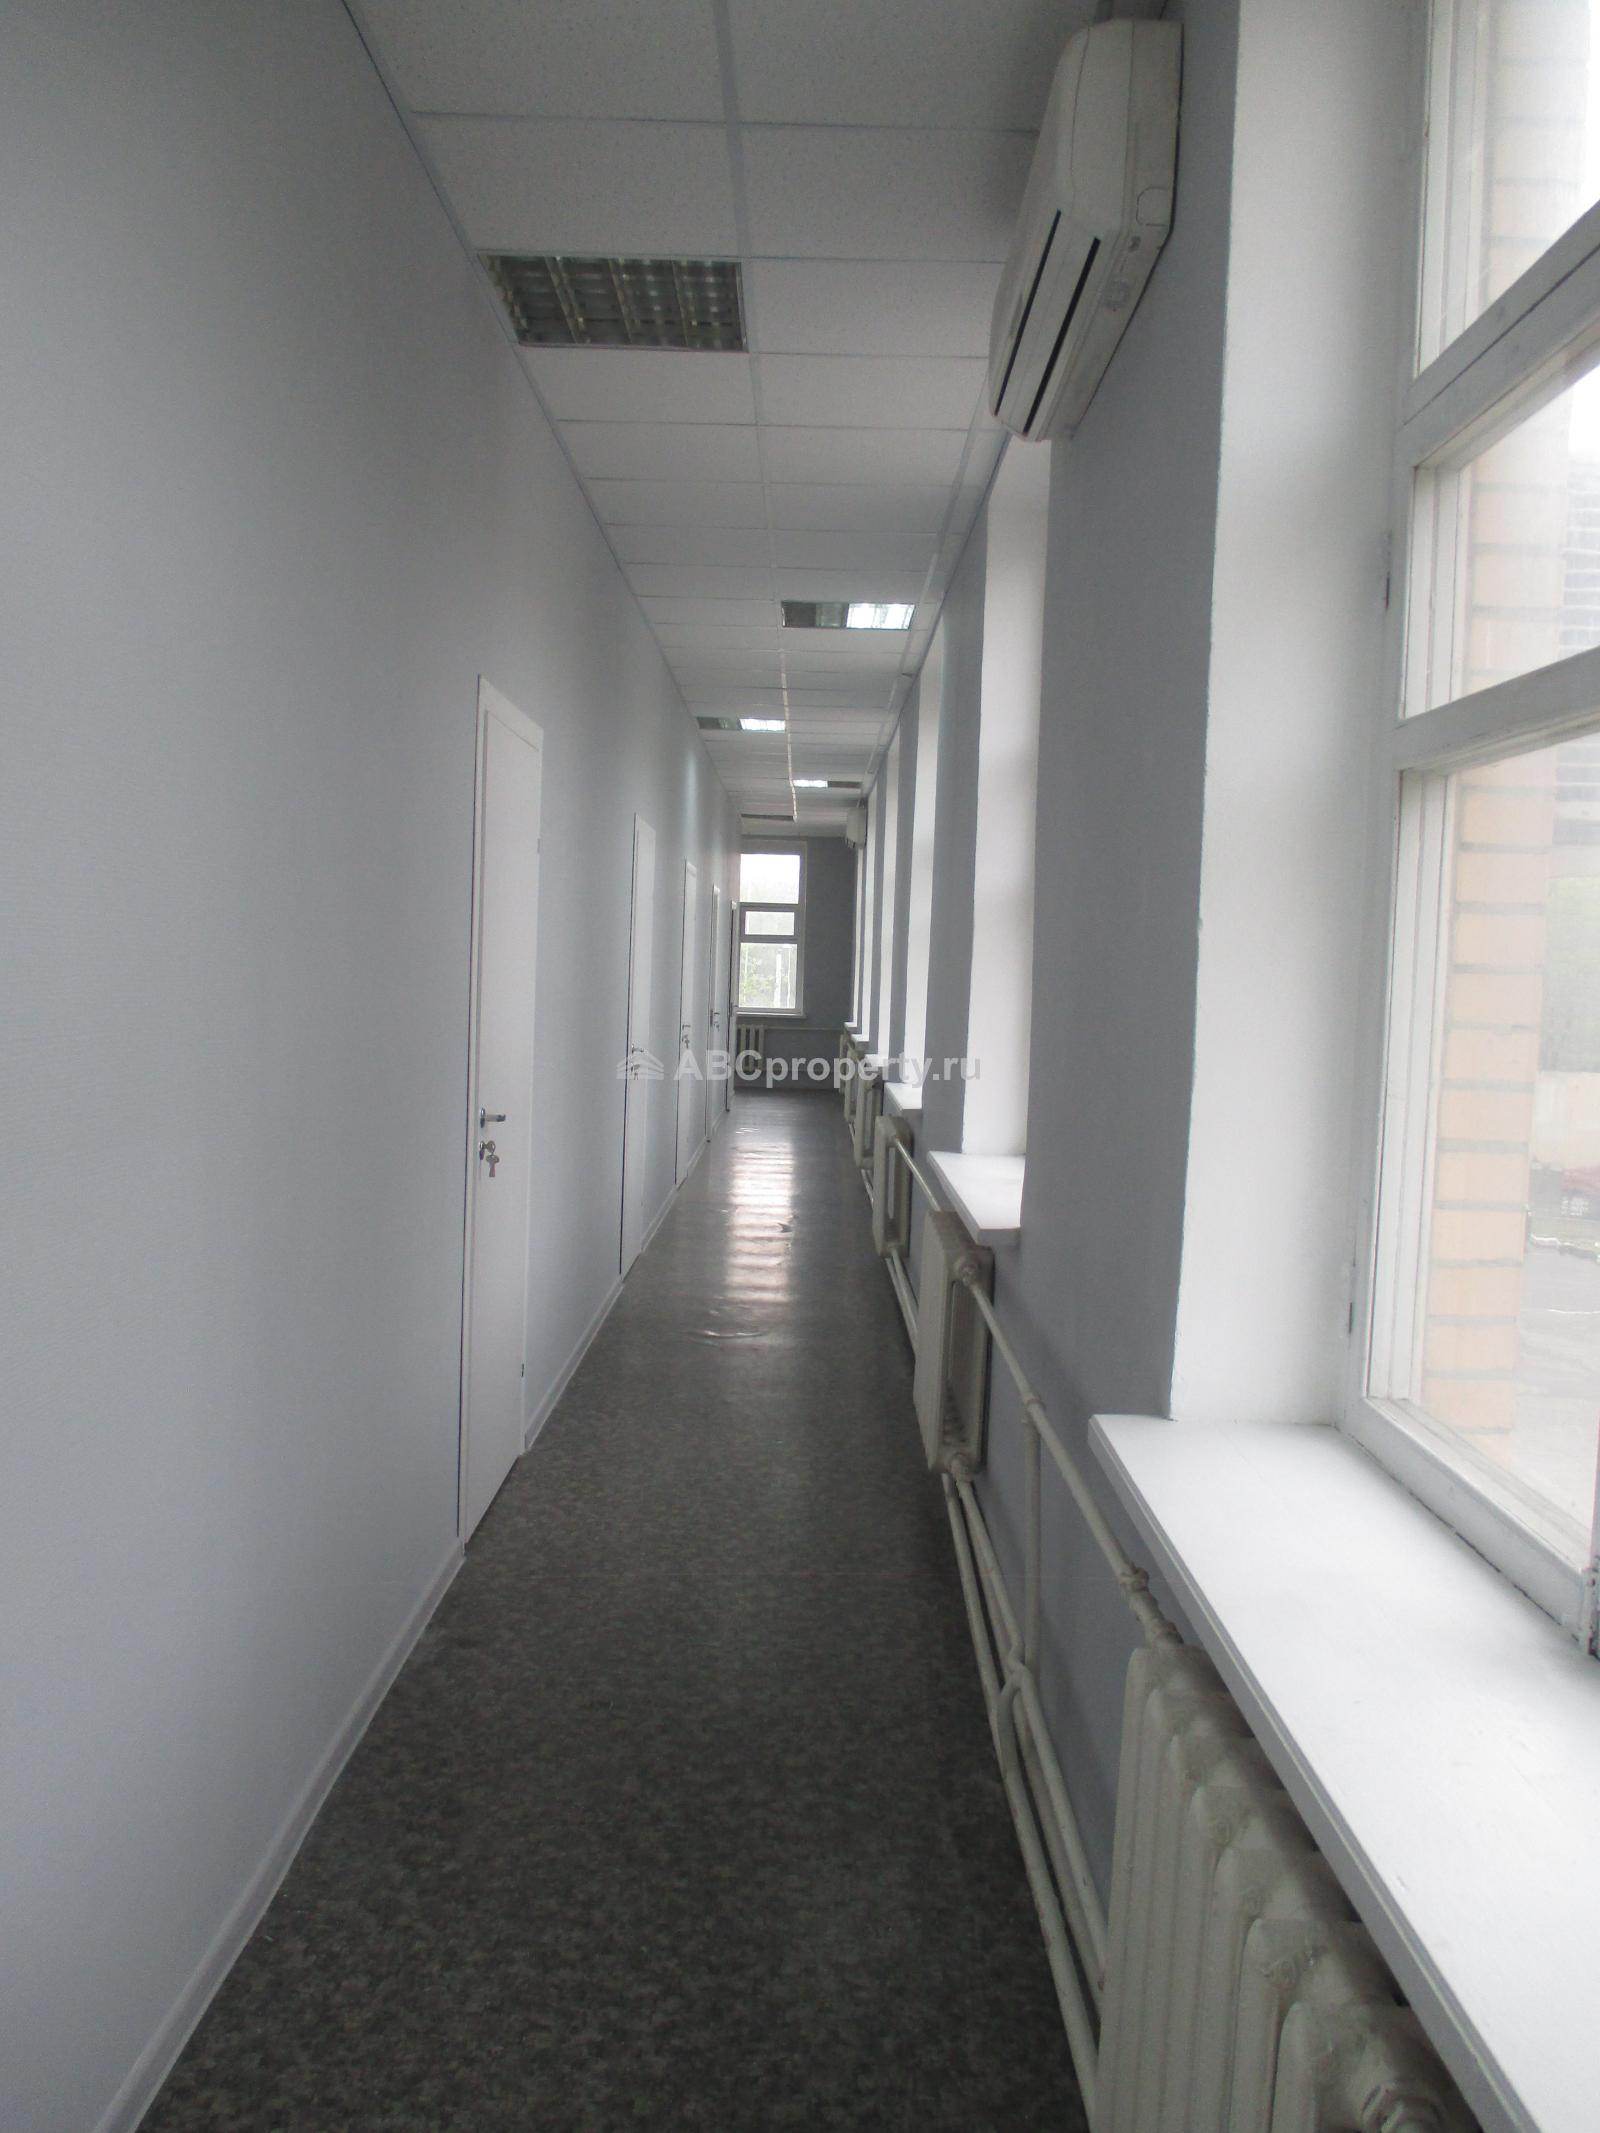 Аренда офиса 15 кв Полбина улица малый кисловкий переулок аренда офиса